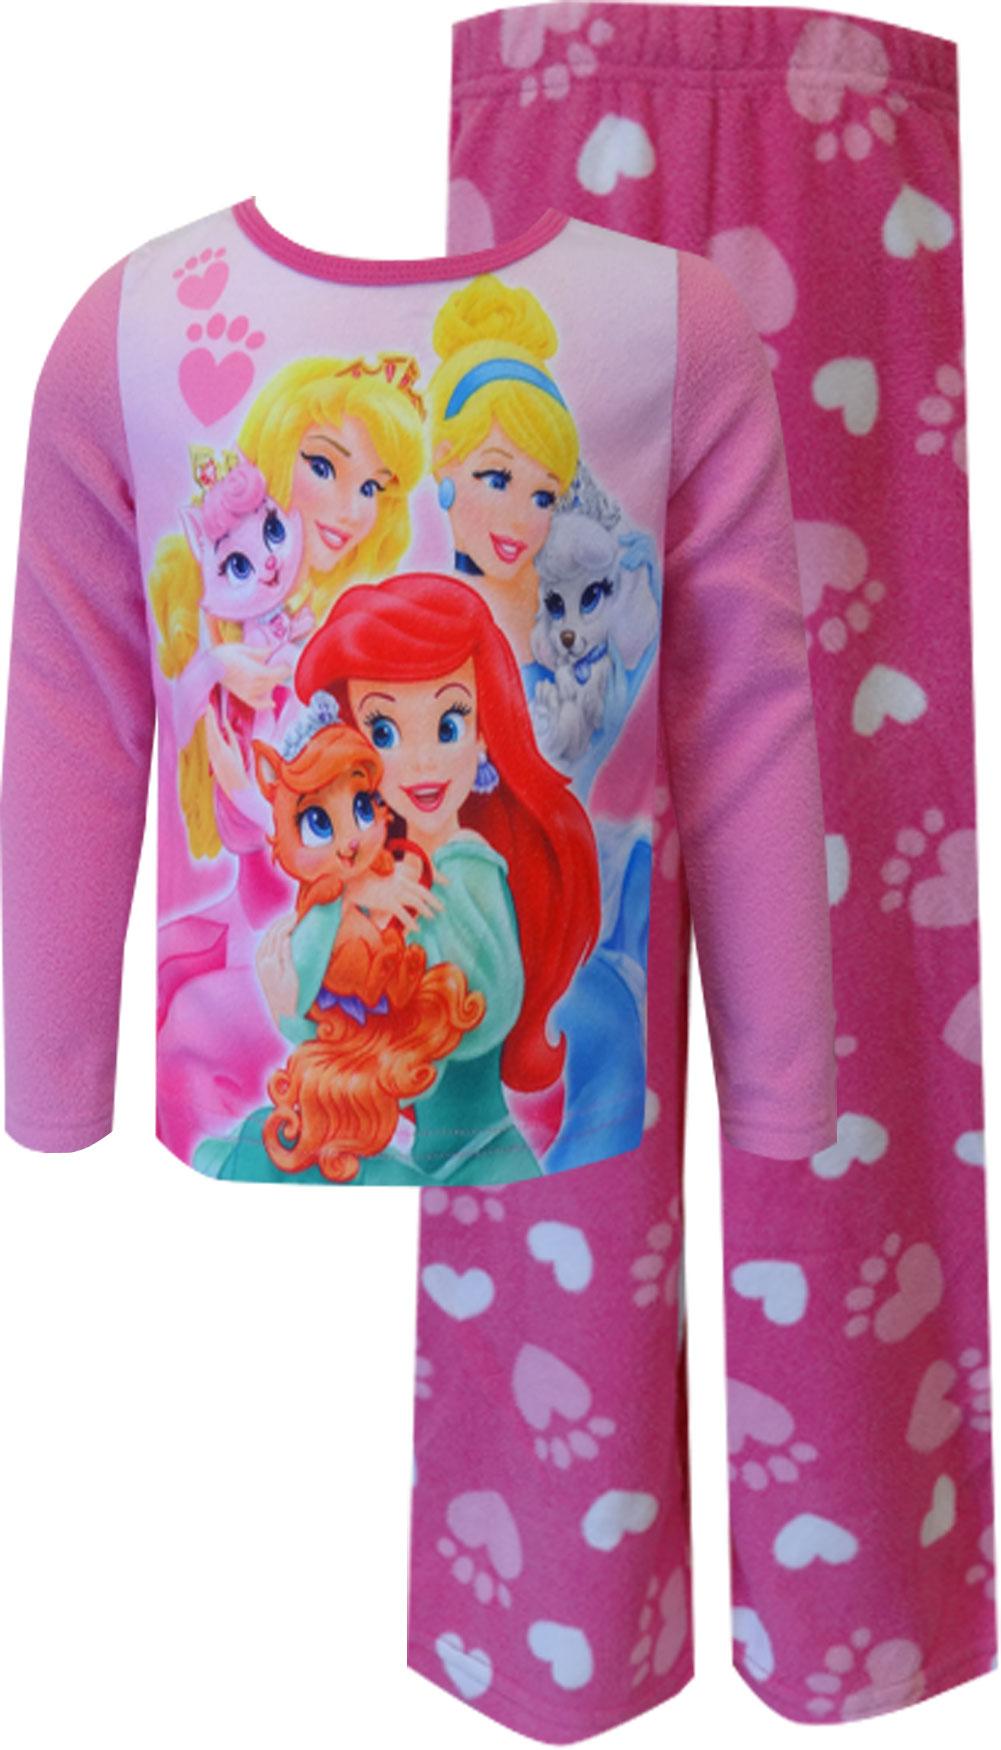 Disney Princess Pajamas Amp Sleepwear